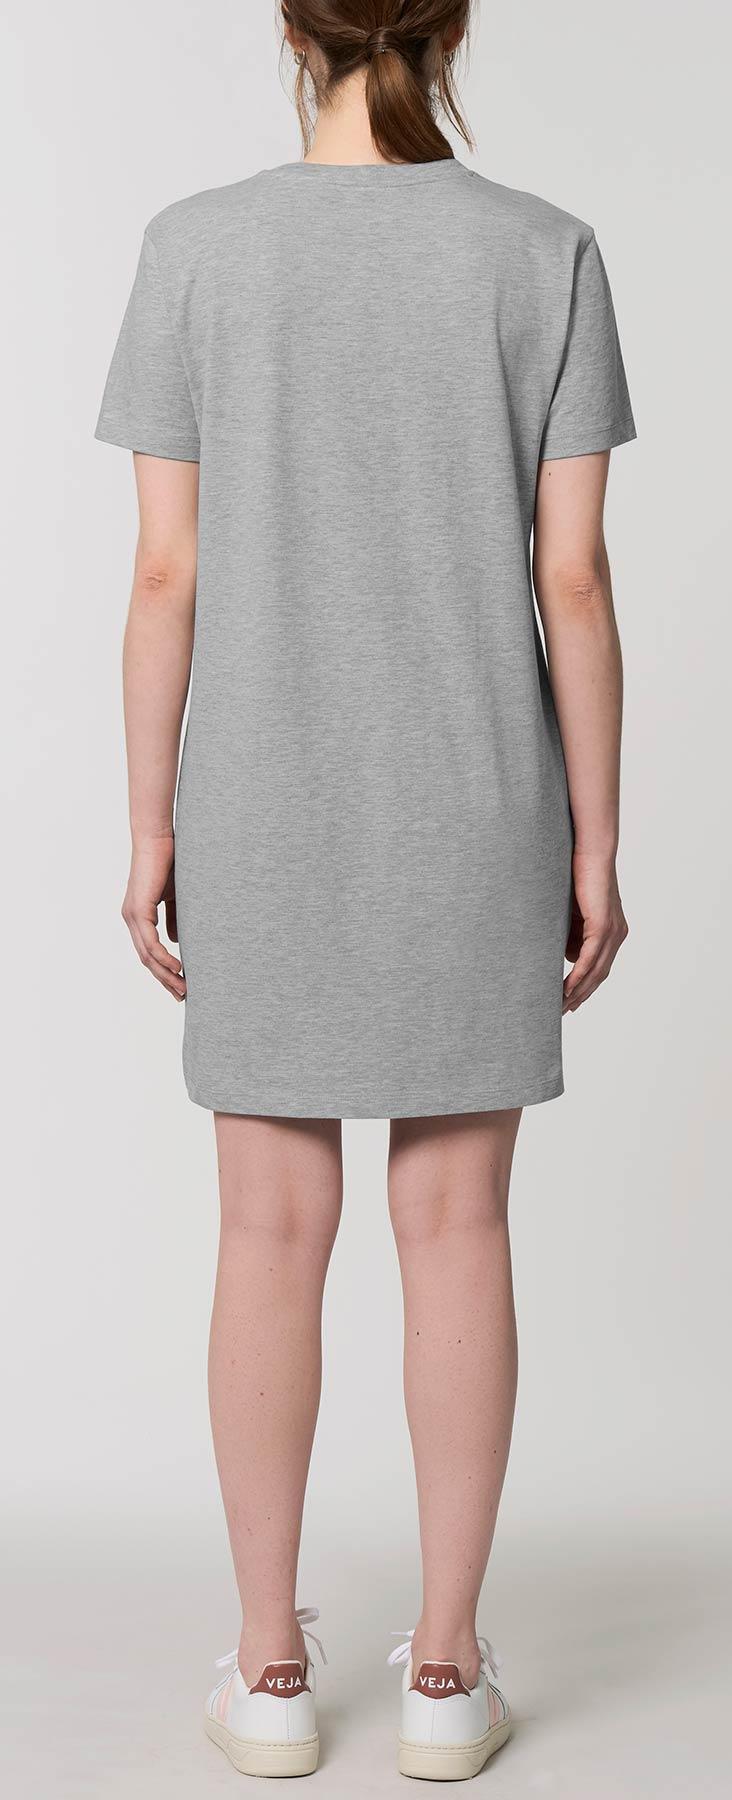 Grau meliertes Jersey-Kleid aus 100% Bio-Baumwolle ...